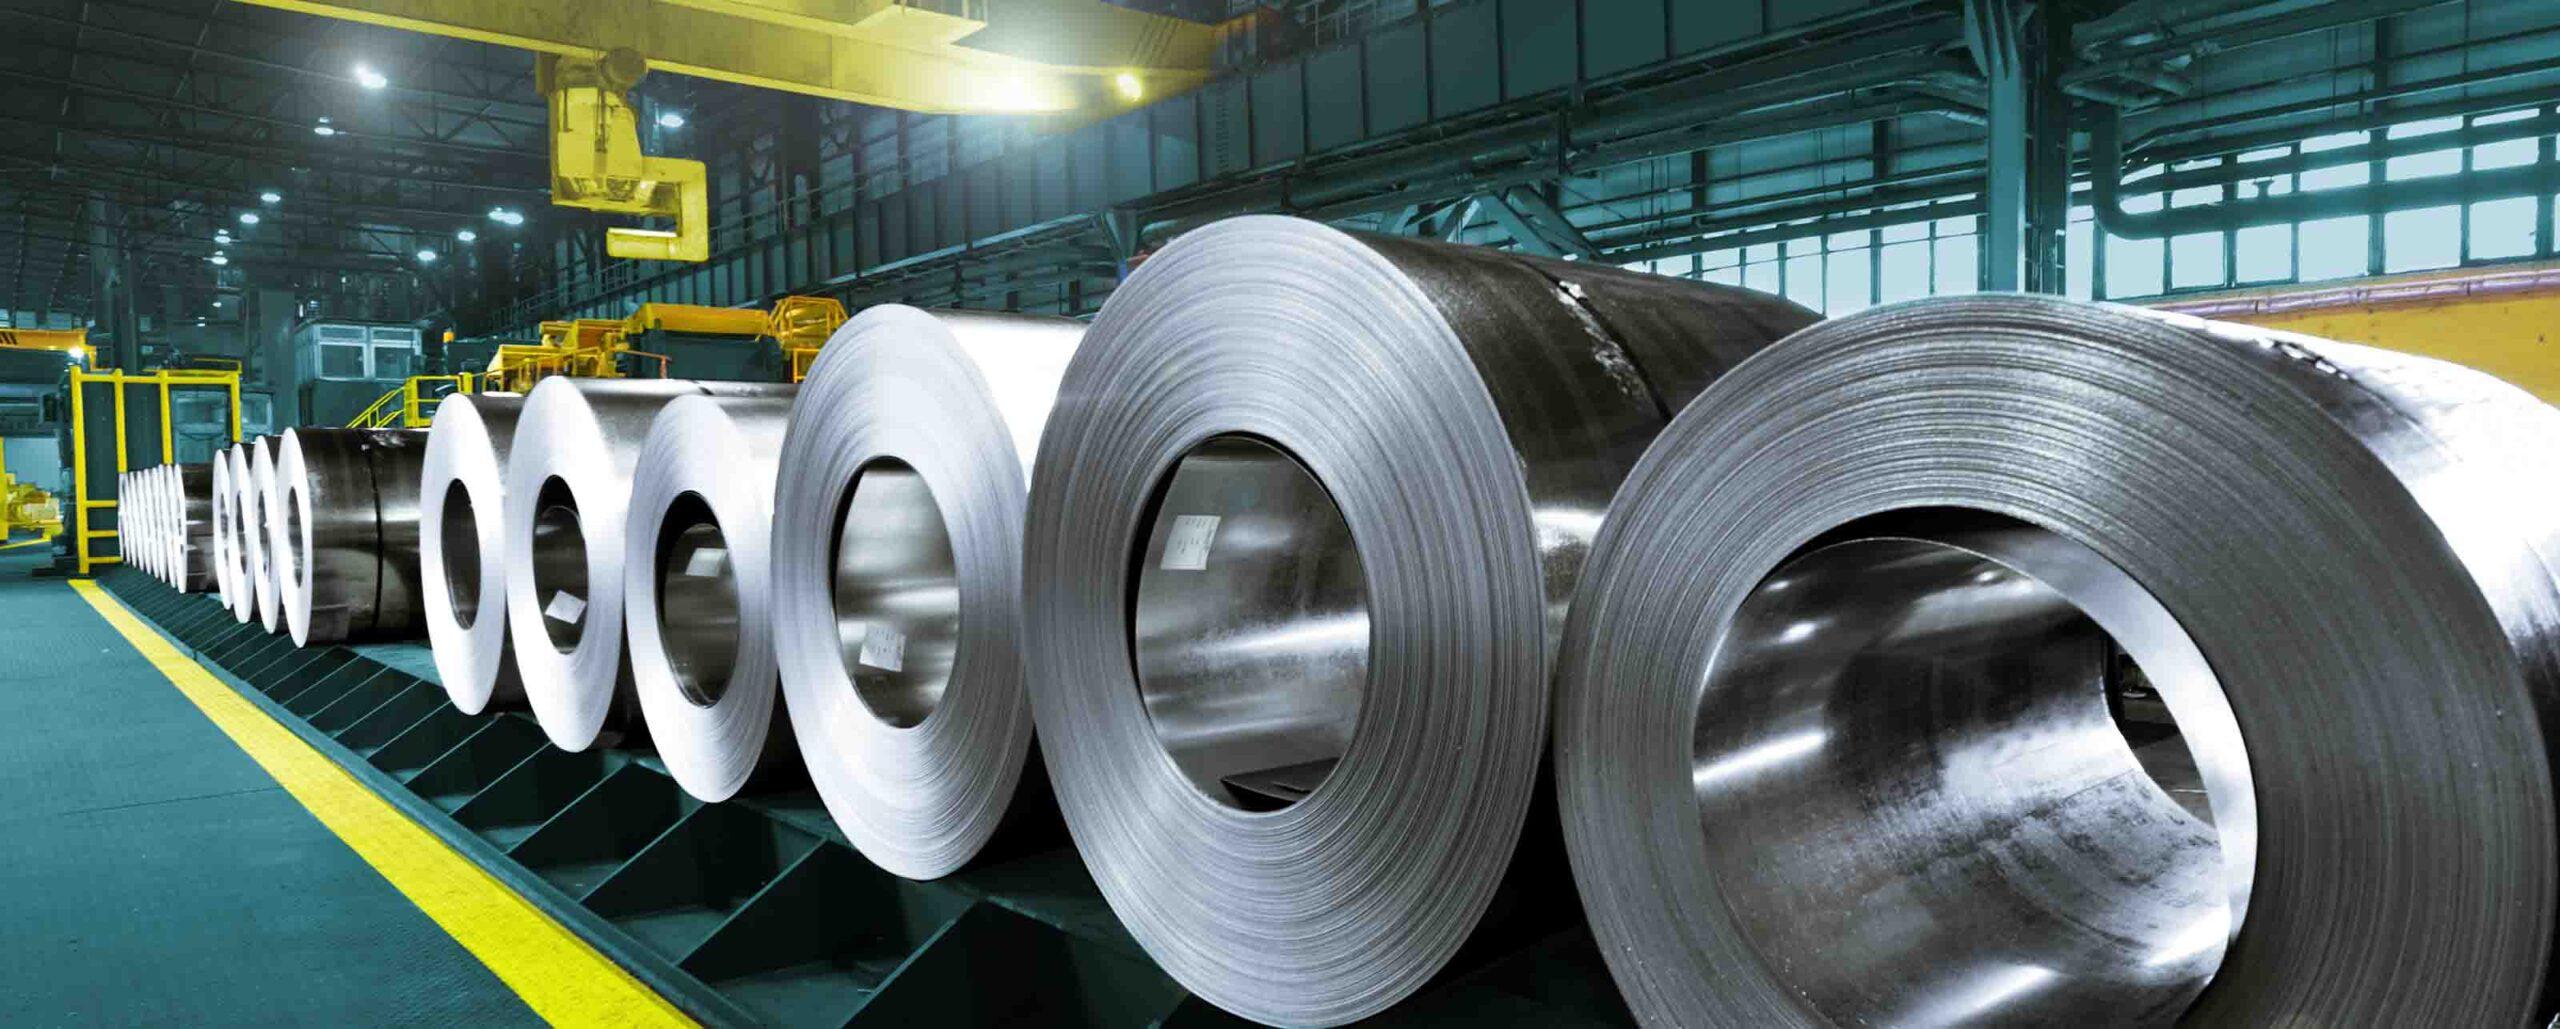 Partenariat d'équité dans la fabrication de l'acier